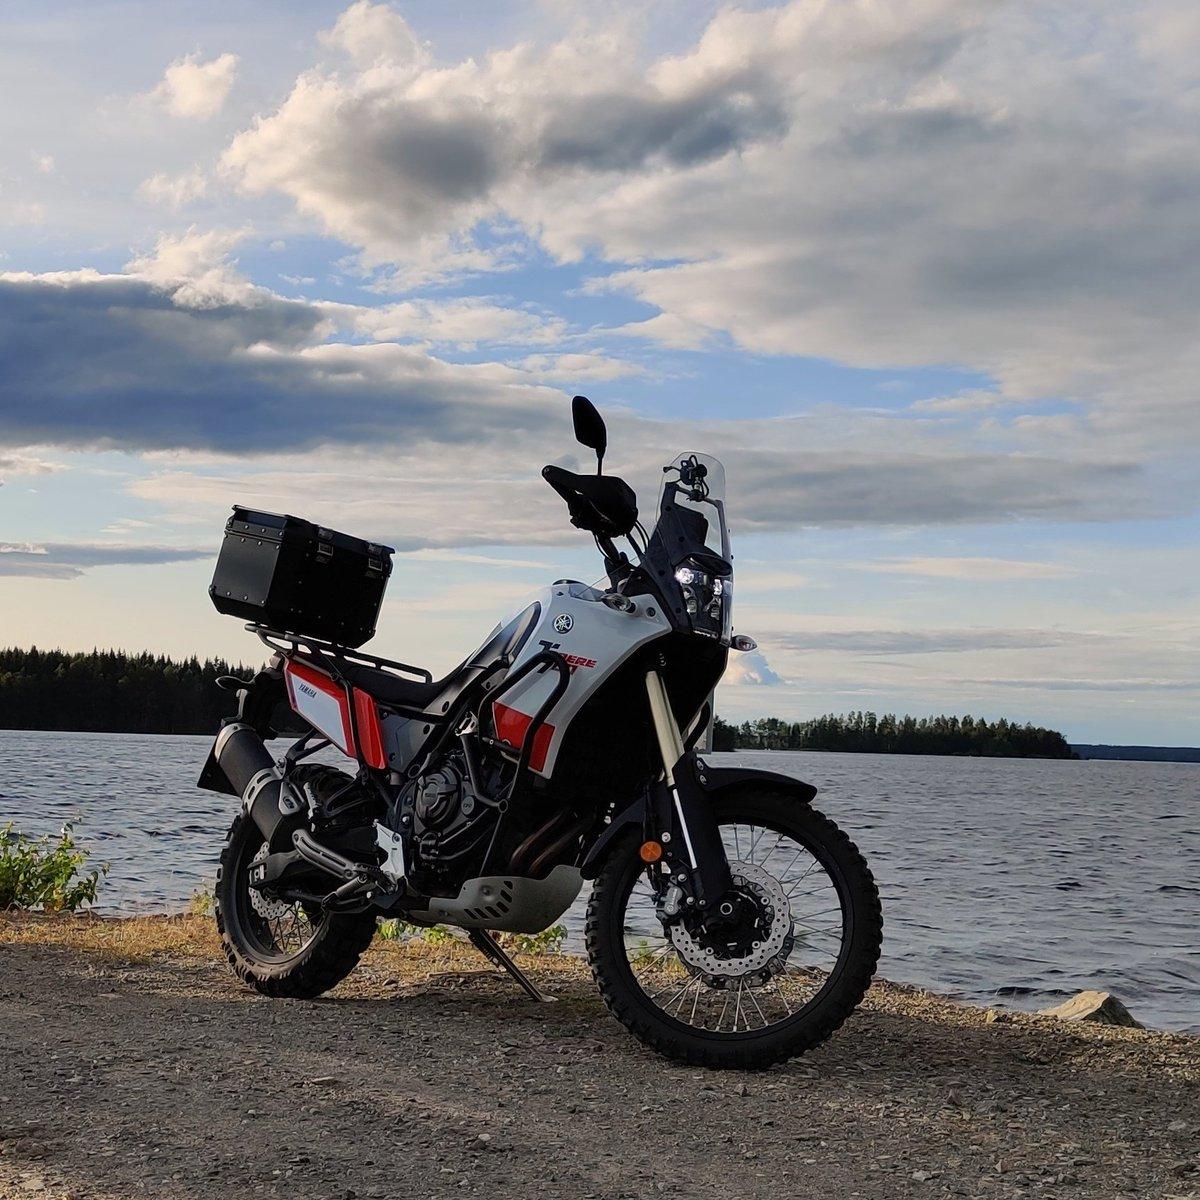 Tour de Pyhäselkä #rääkkylä #paksuniemi https://t.co/zhQpioFwY6